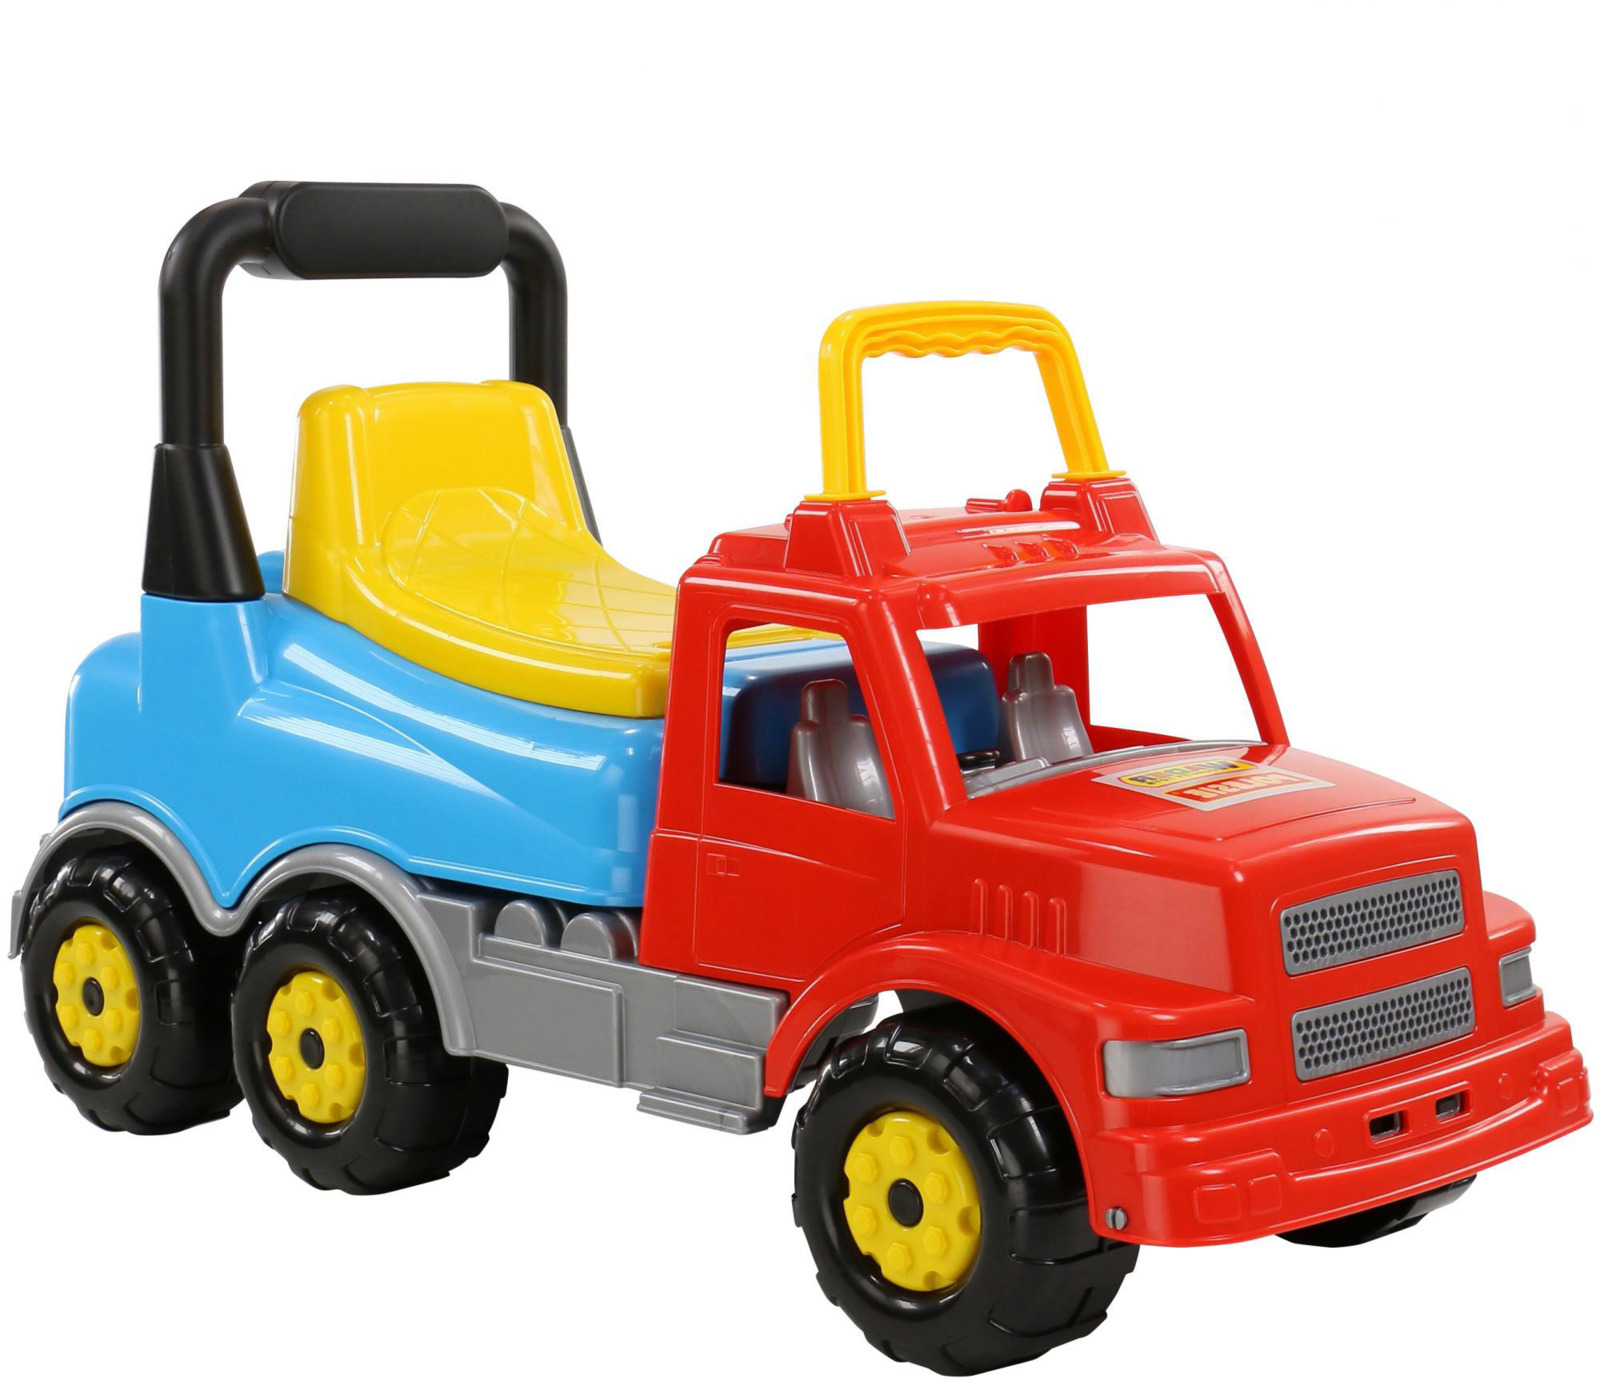 Автомобиль-каталка Полесье Буран №2, цвет: красный, голубой. 67128 wader 43801 каталка автомобиль буран 2